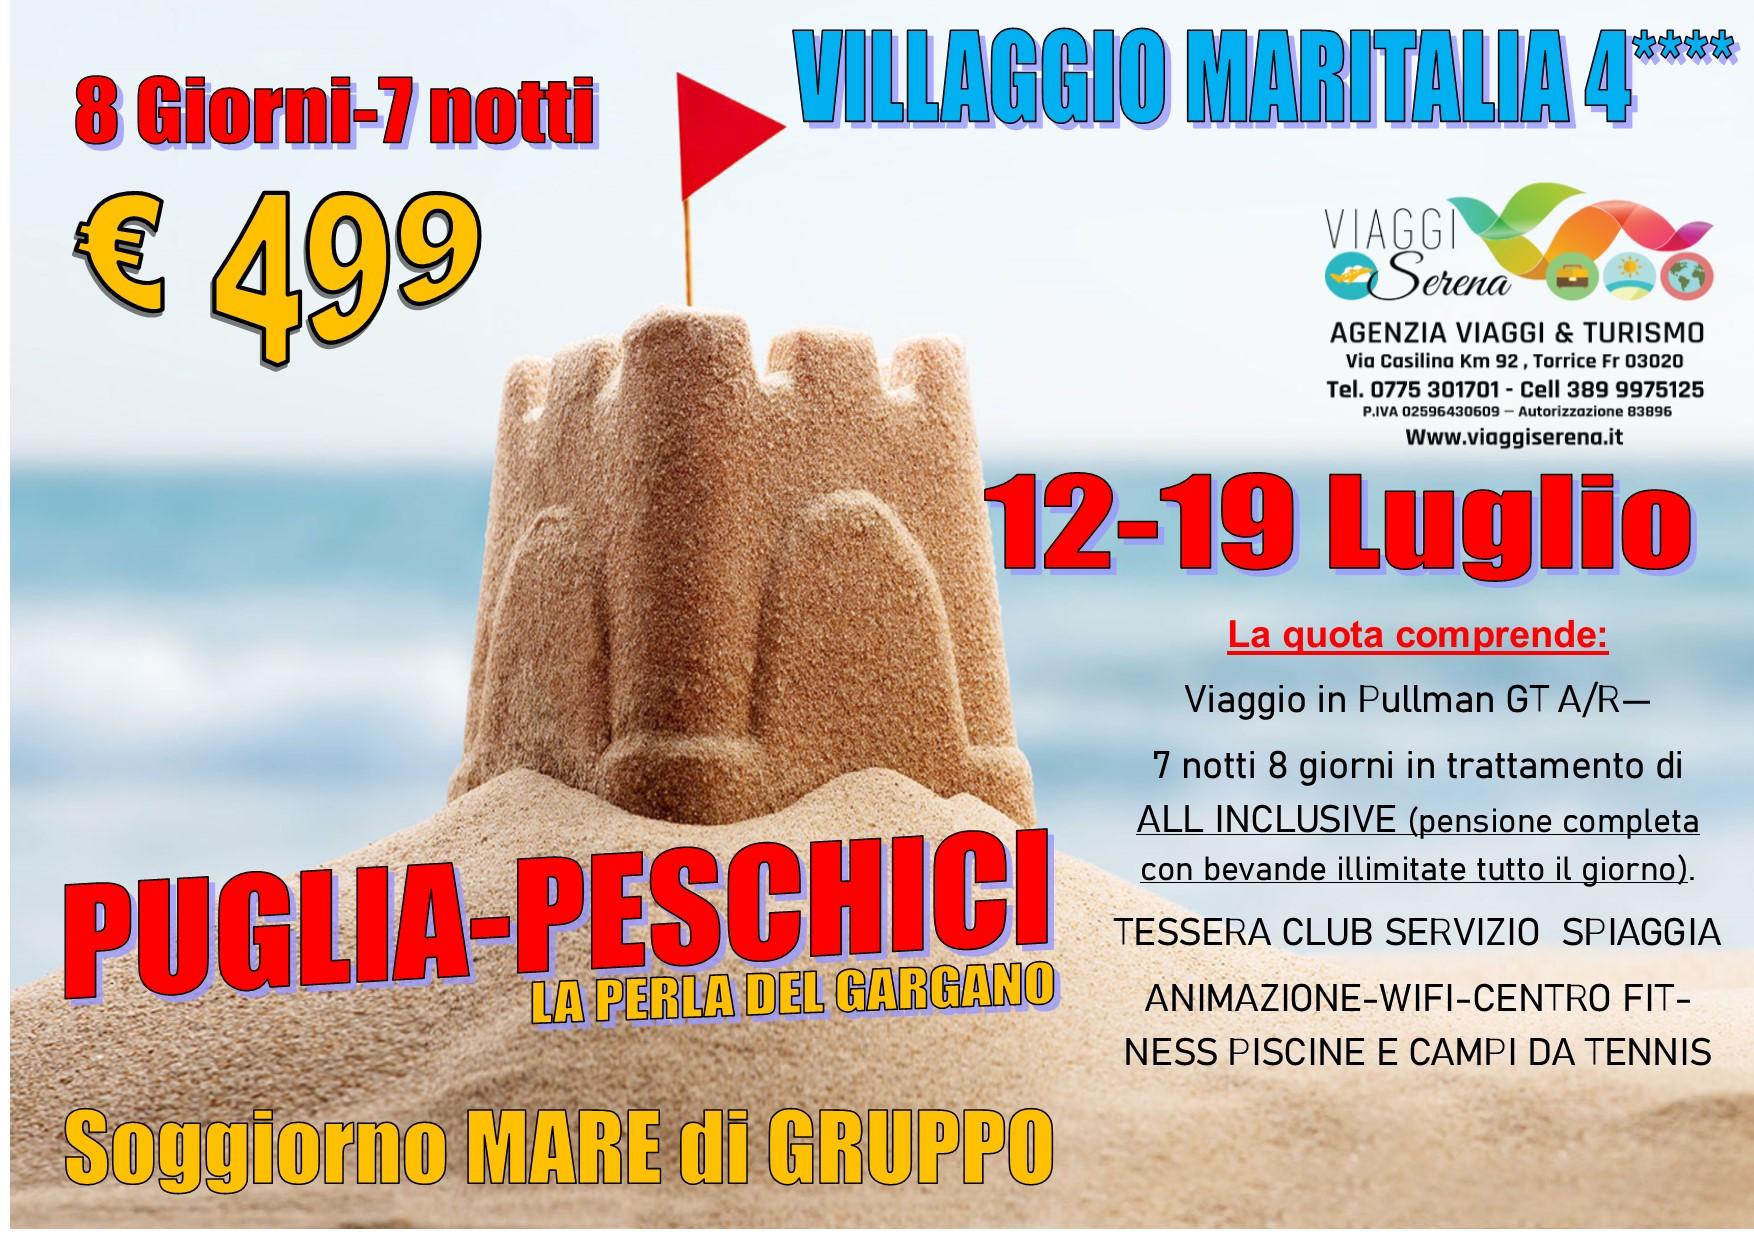 """Viaggi di Gruppo: soggiorno mare PUGLIA """"Maritalia 4****"""" 12-19 LUGLIO €499,00"""